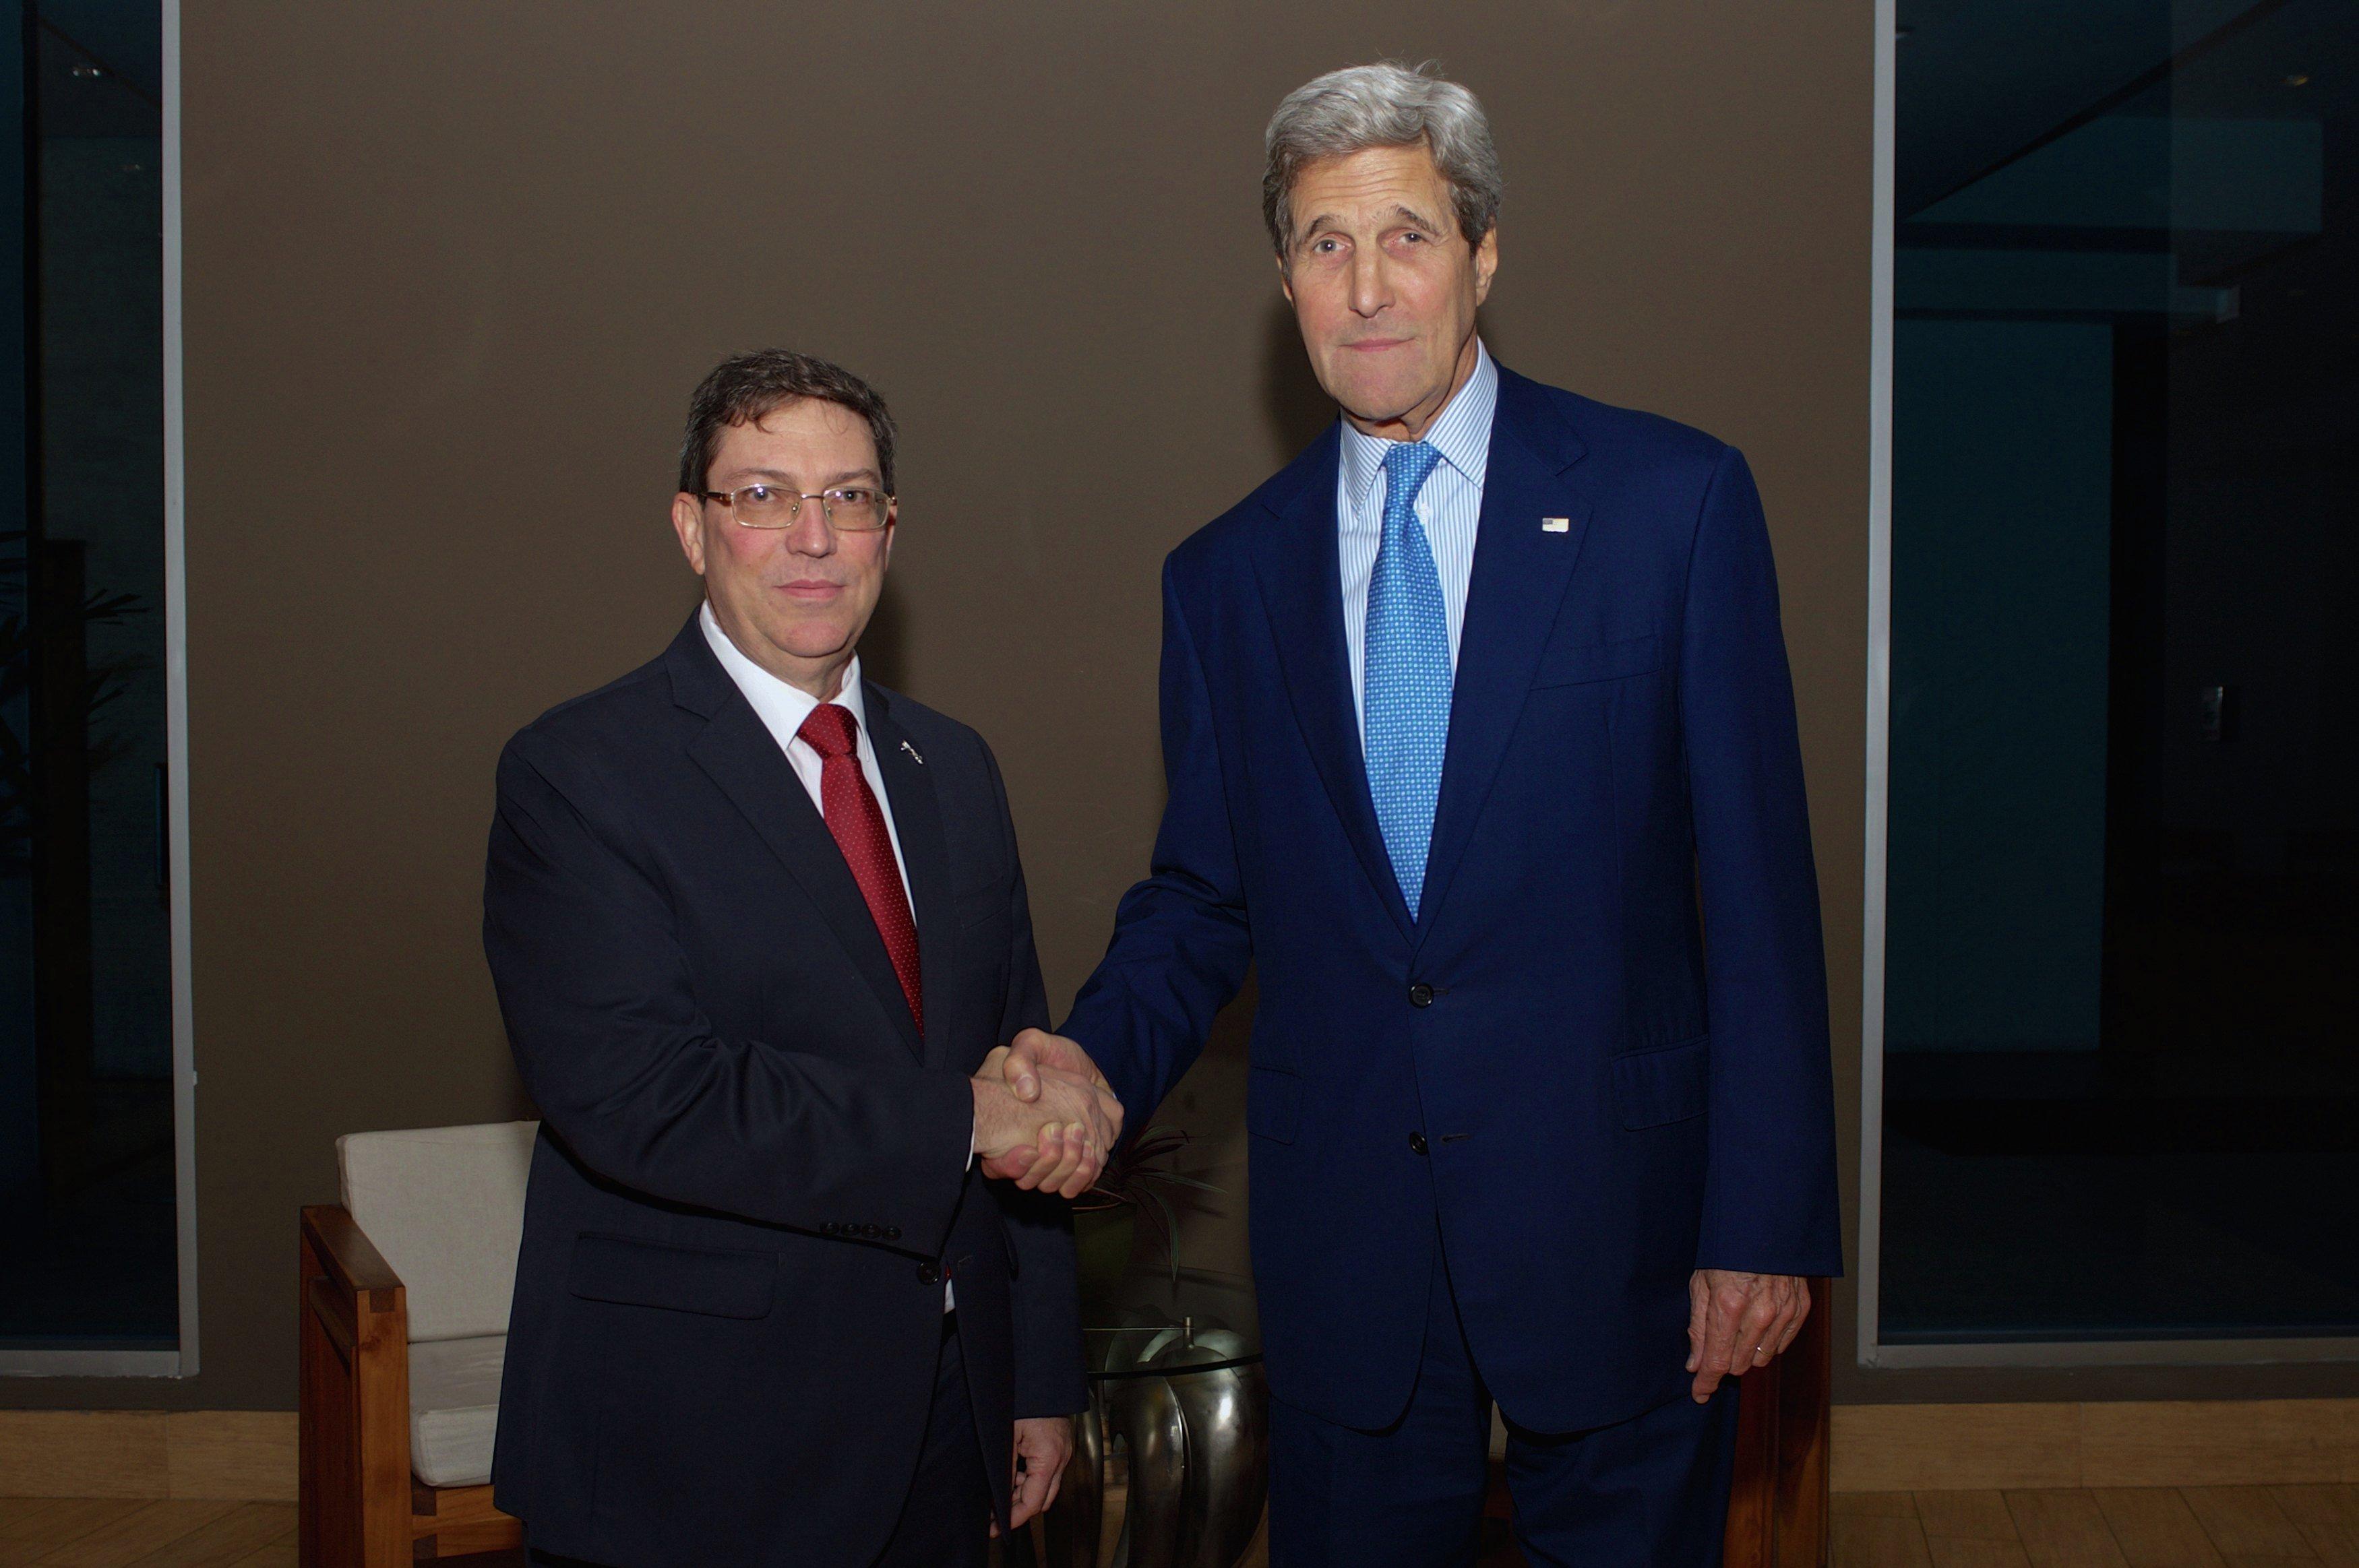 La reunión dentro de VII Cumbre de las Américas del Secretario de Estado de EEUU, John Kerry, y el ministro del Exteriores de Cuba, Bruno Rodríguez